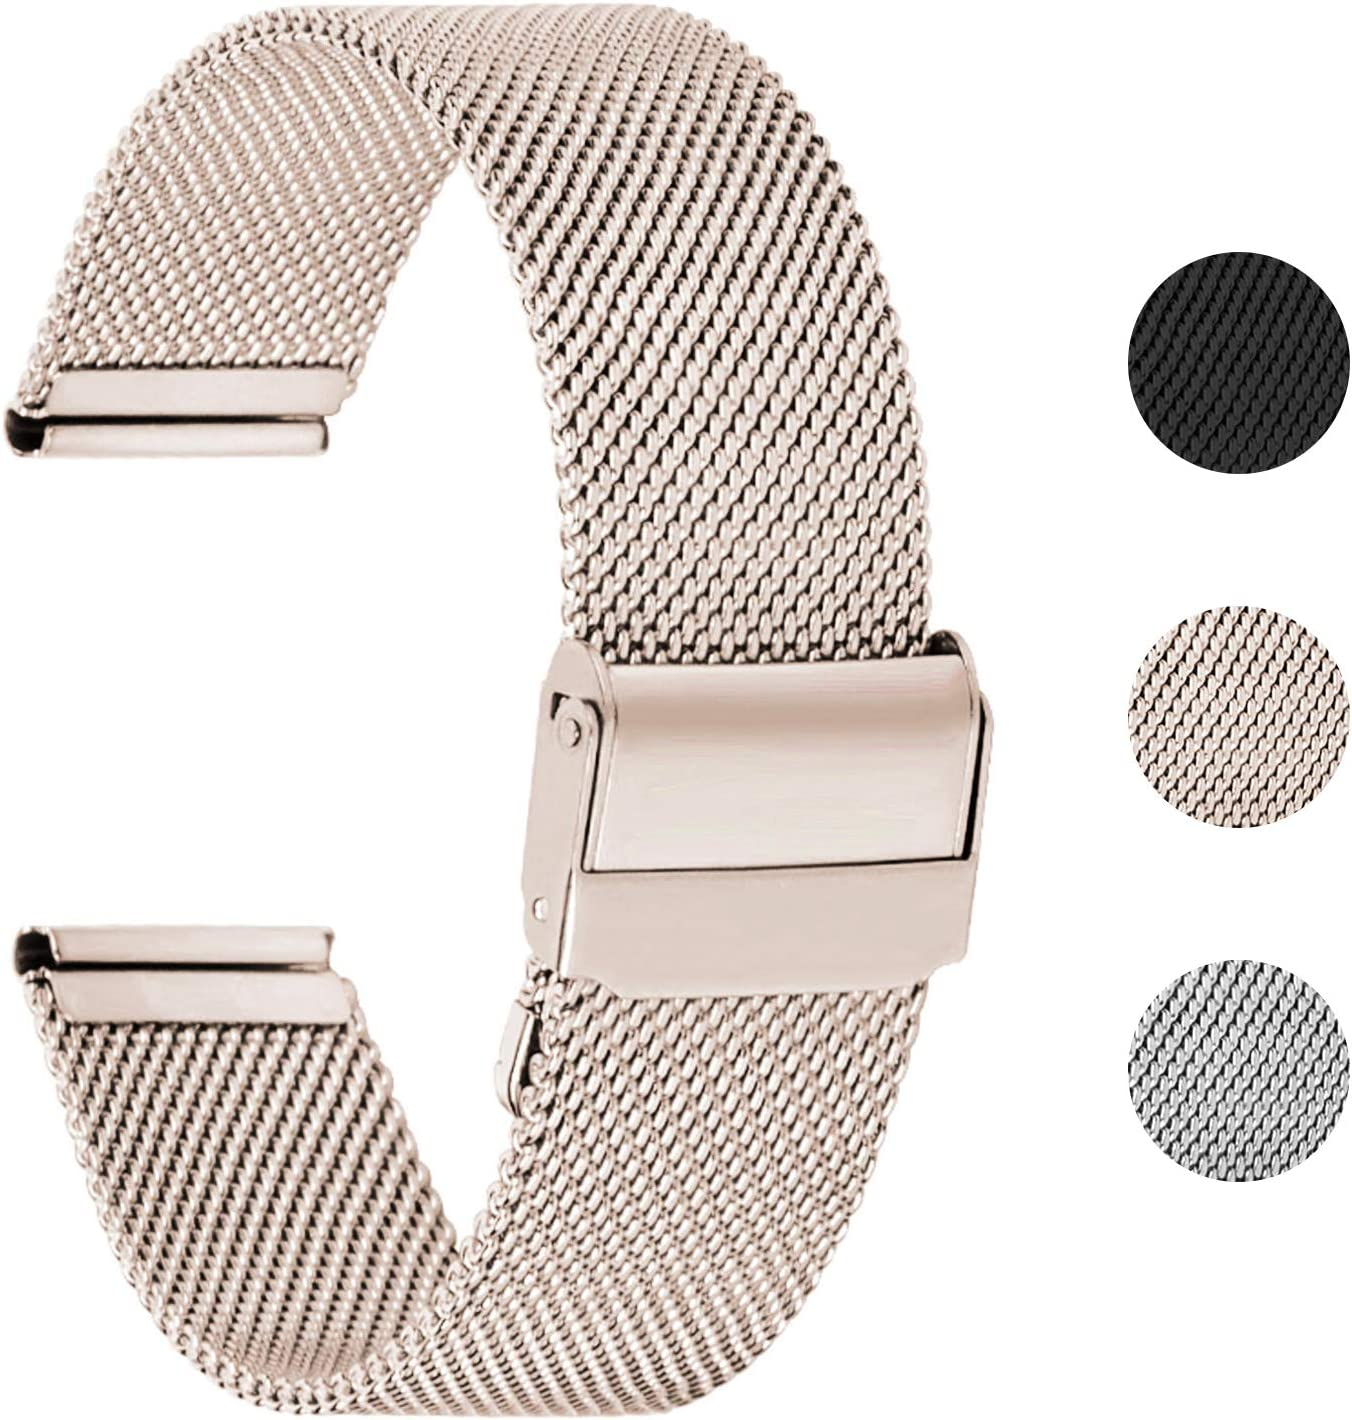 Fullmosa 【2020 Nuevo】 Correa de Reloj, Correa de Acero Inoxidable Repuesto Correas Reloj con Reemplazo de Reloj de 18/20/22 mm para Mujer y Hombres